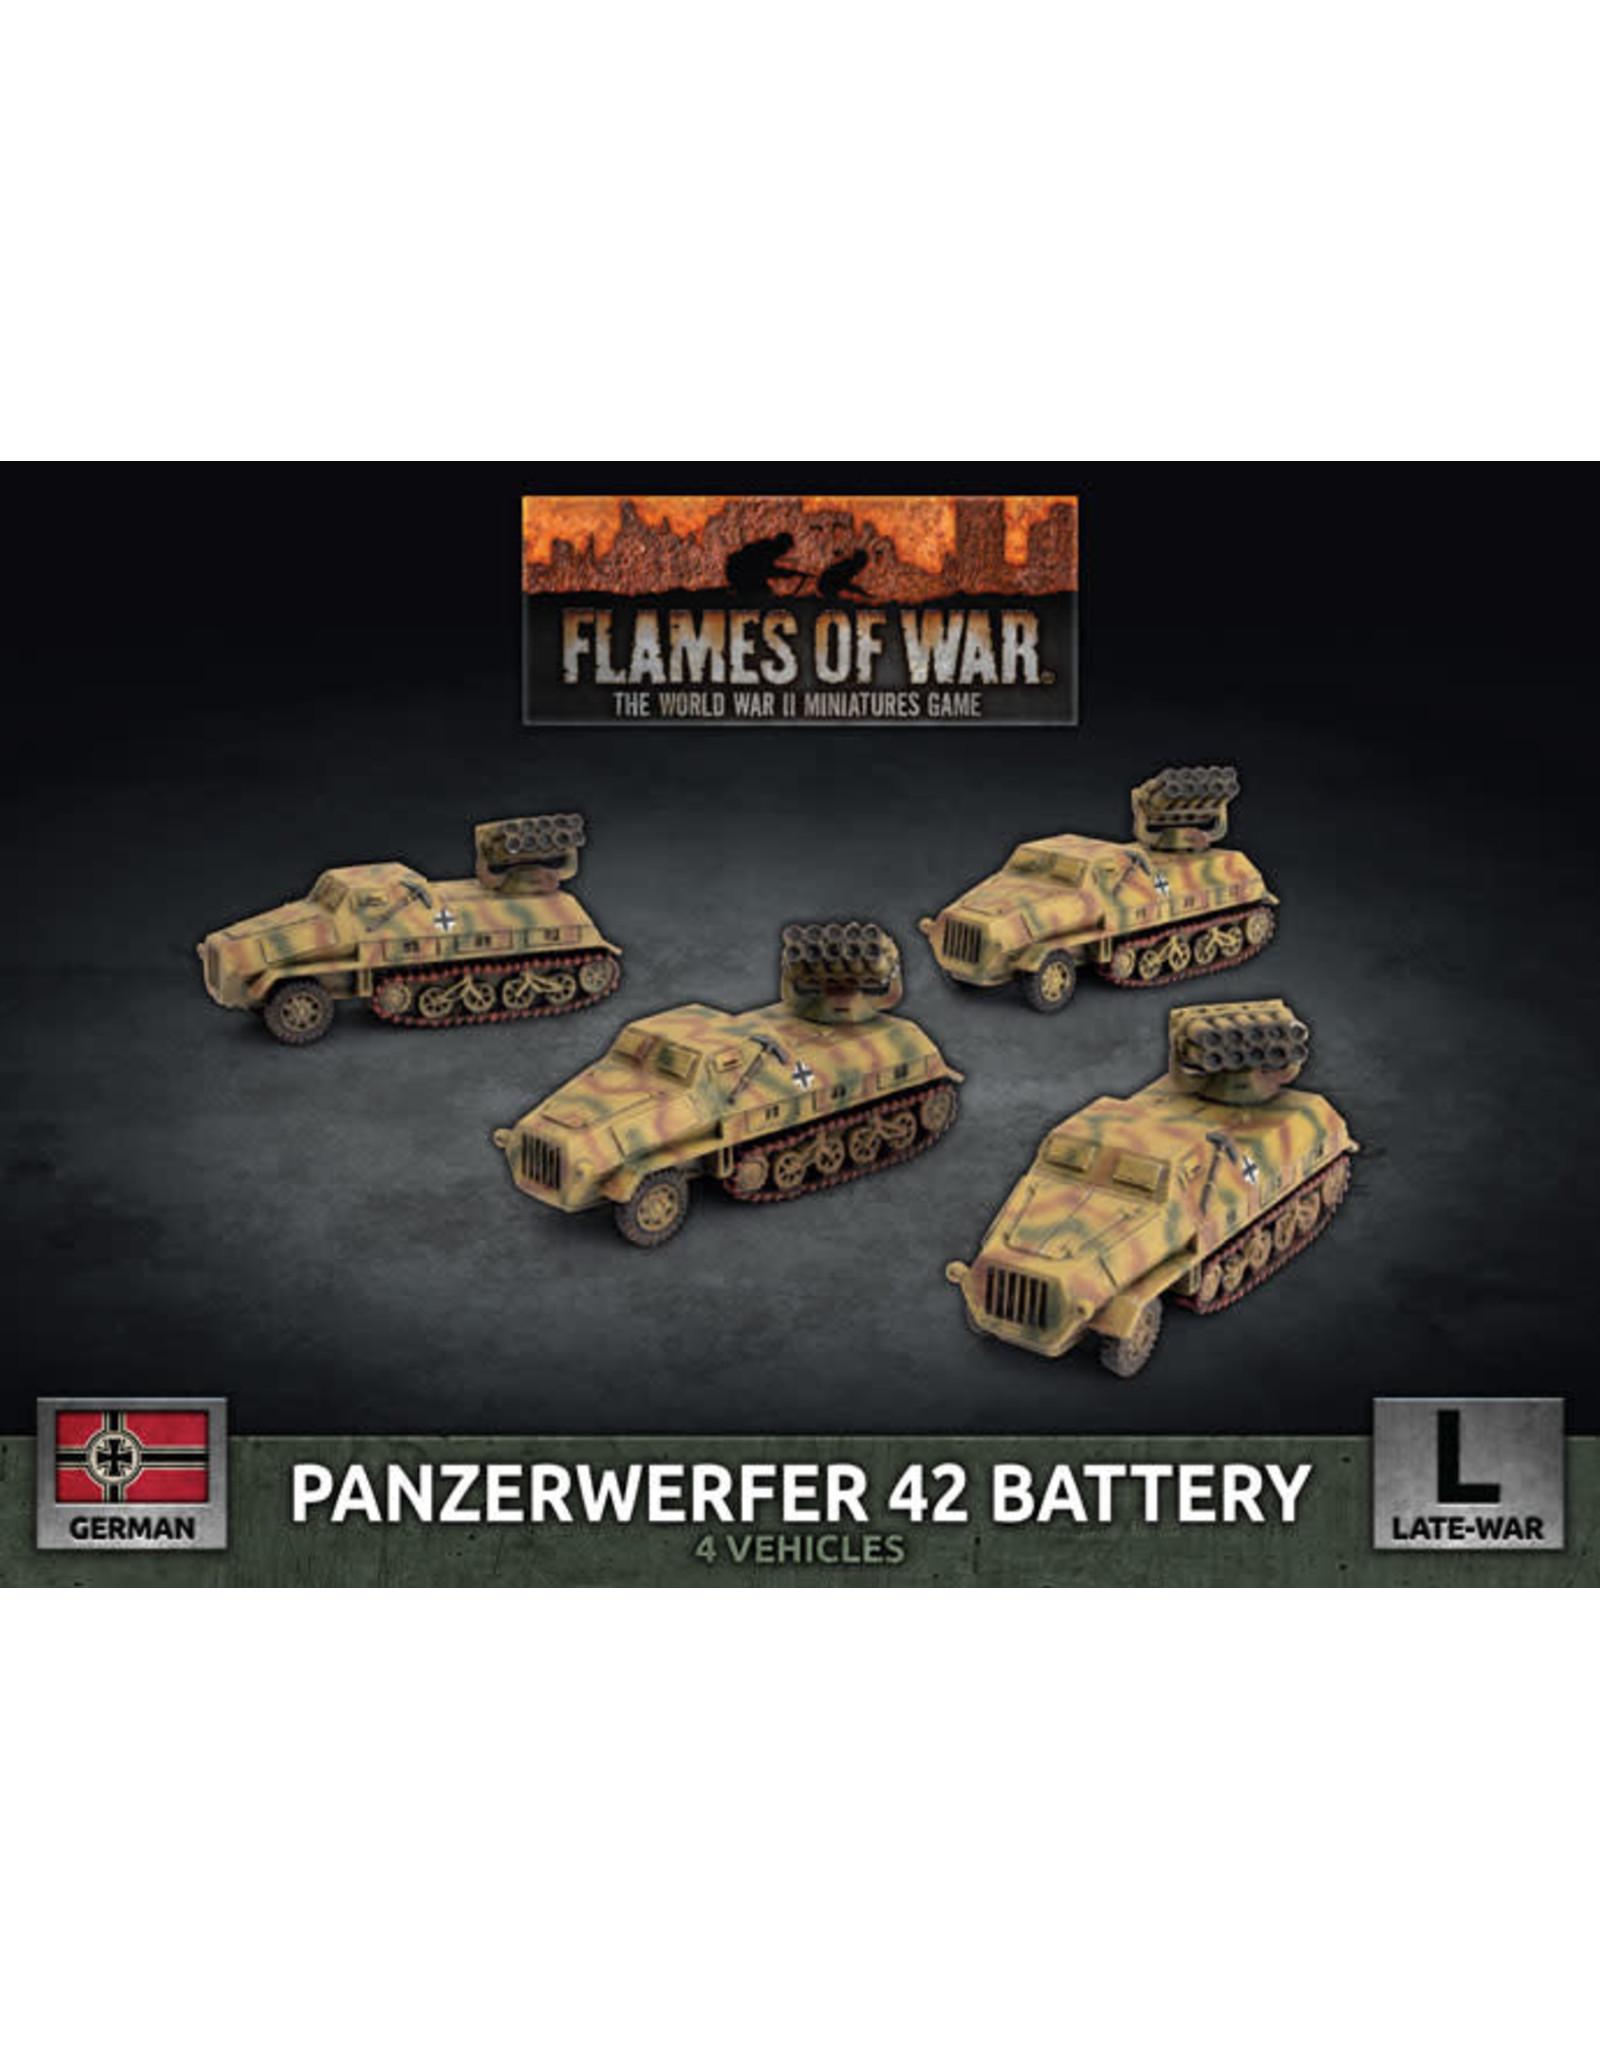 Battlefront Miniatures Panzerwerfer 42 Battery